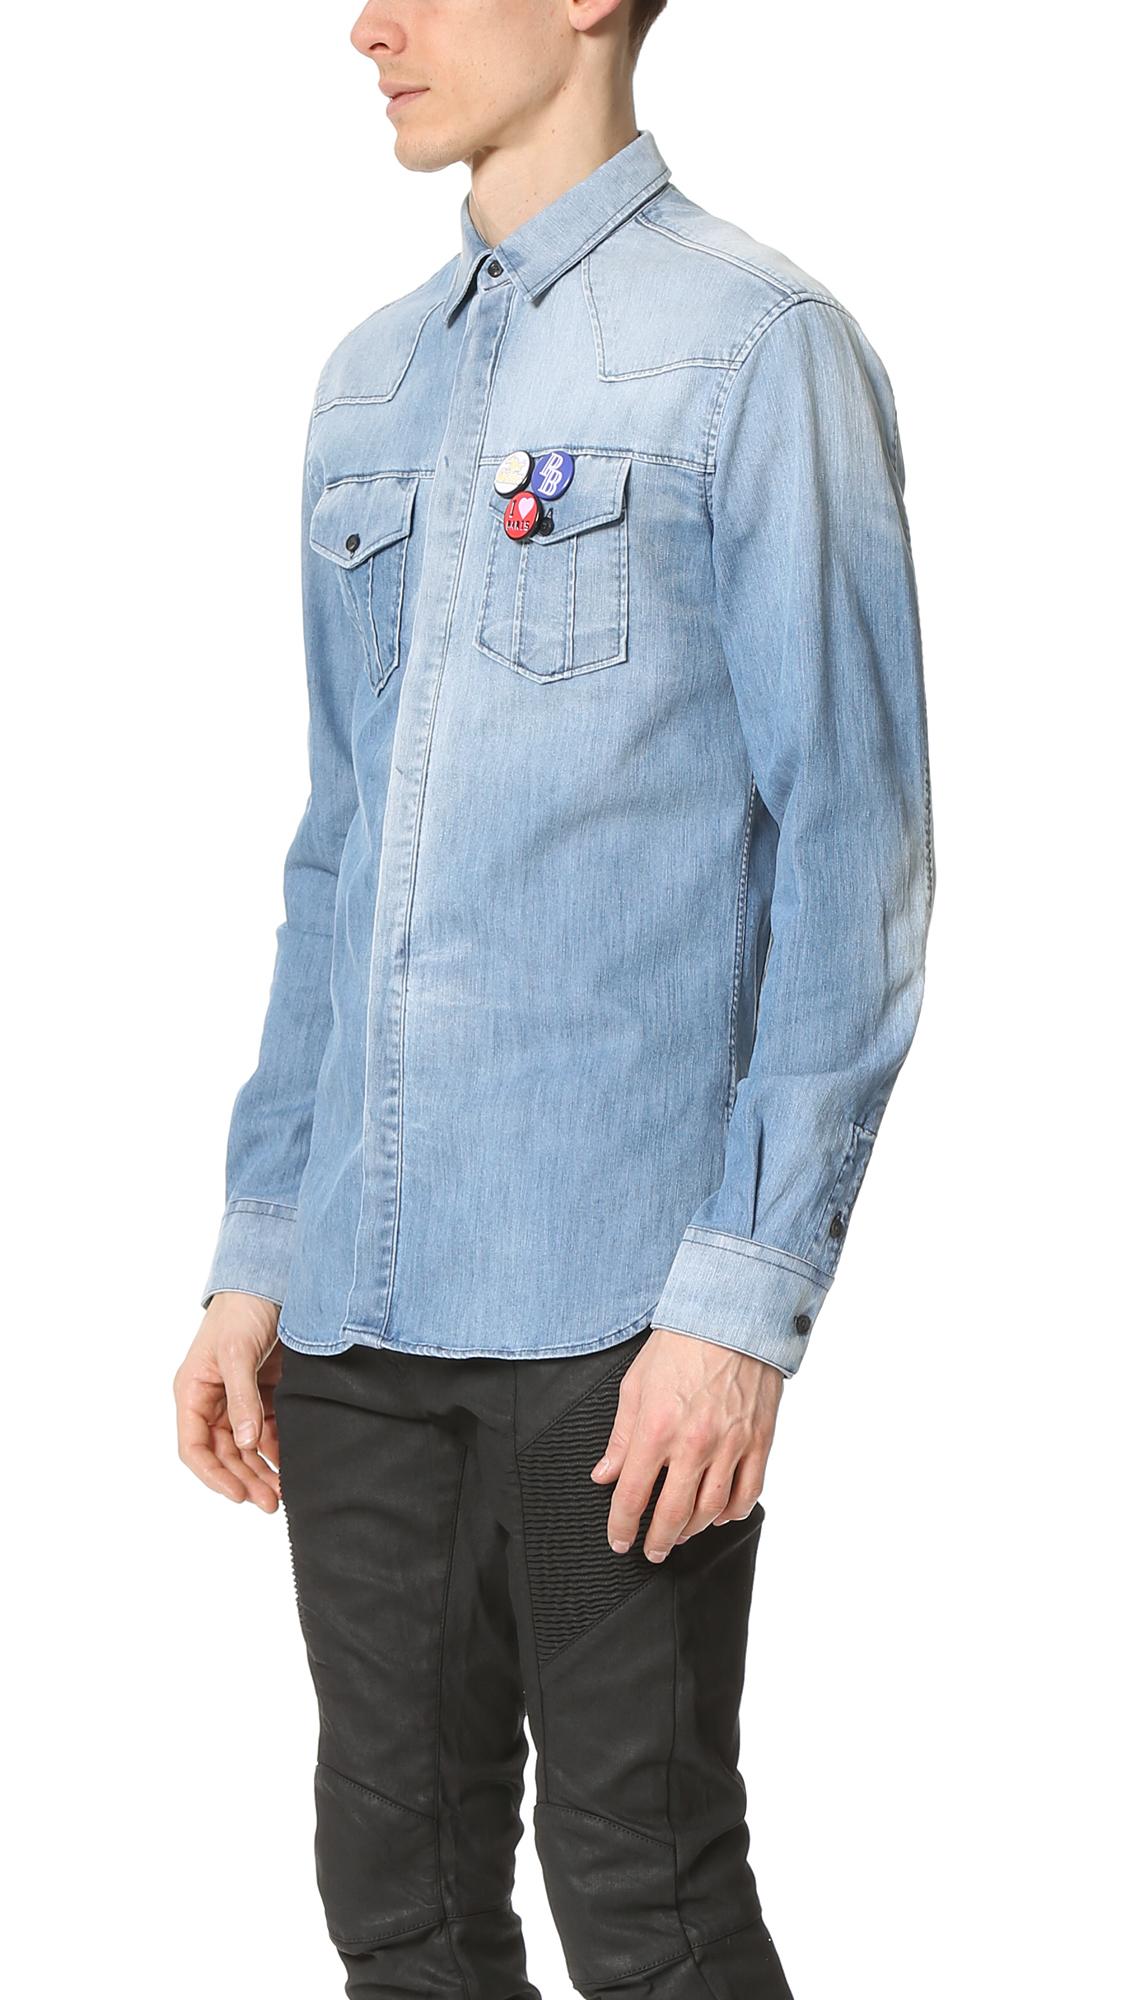 2d22e0d5d4 Lyst - Balmain Buttons Denim Shirt in Blue for Men